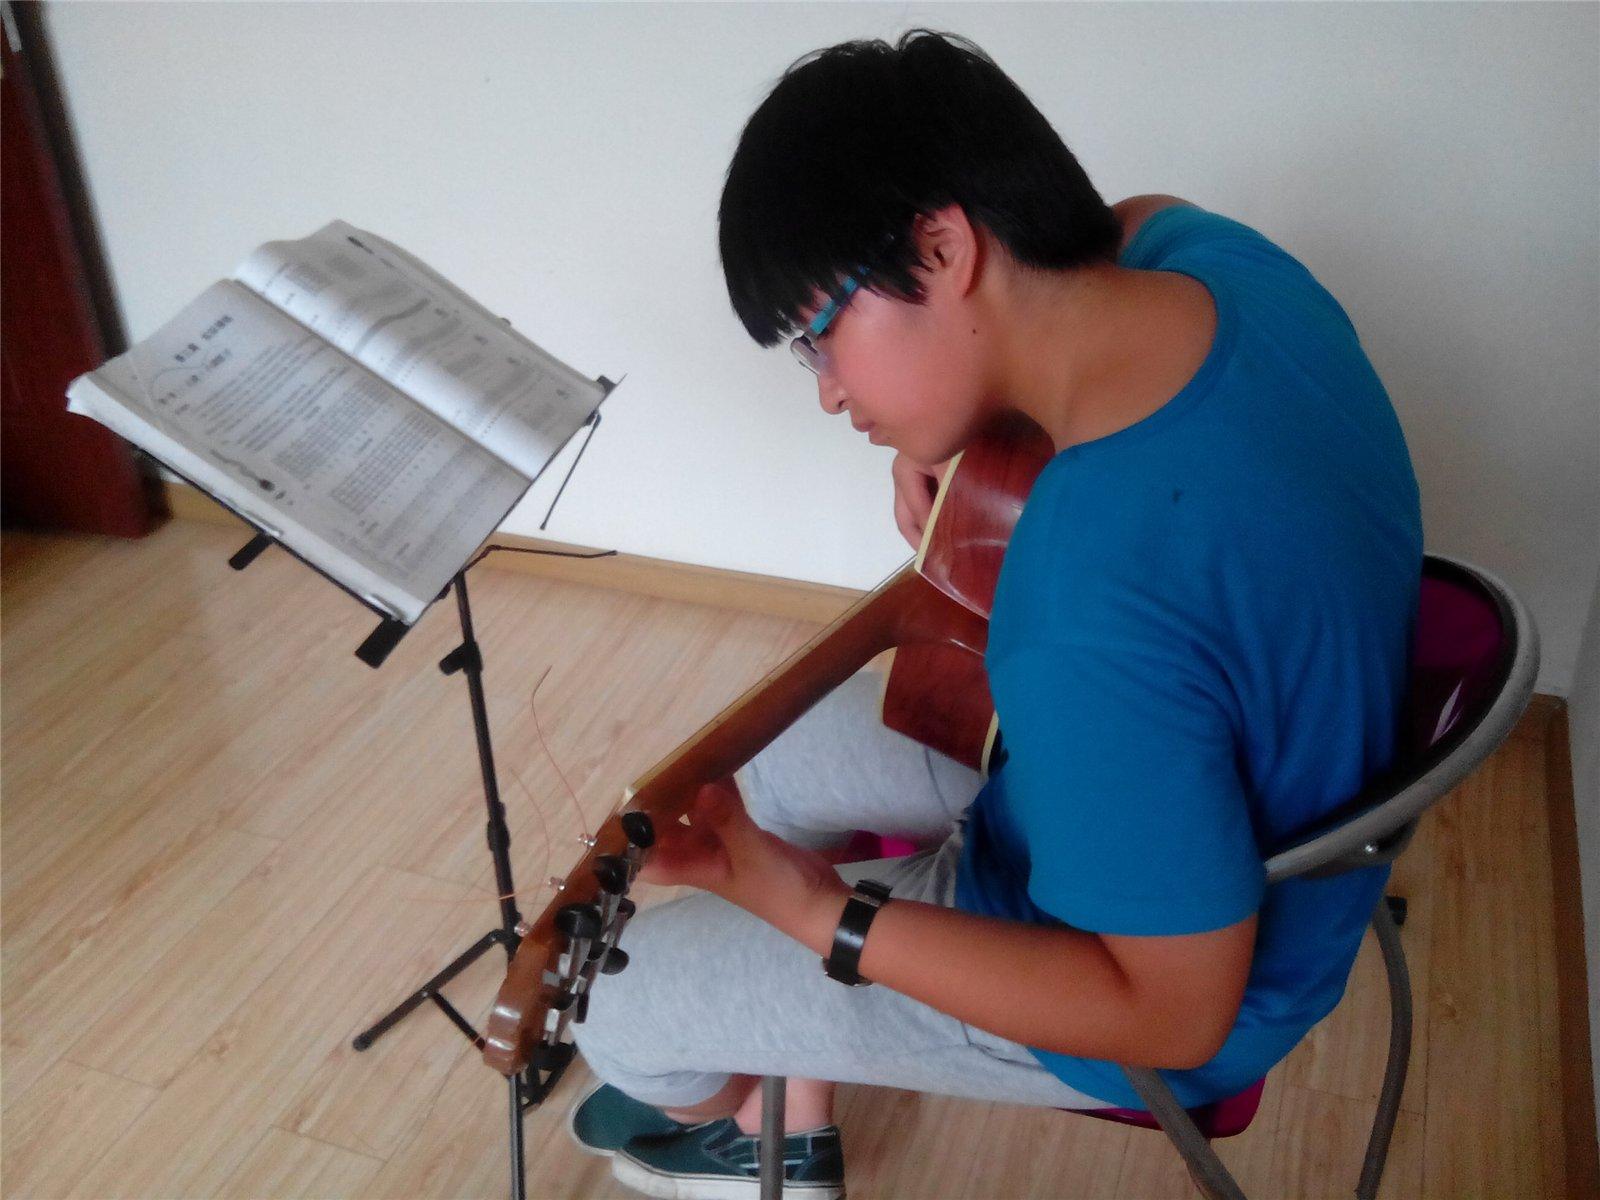 崇州/主题: 崇州最优惠最便宜的吉他教学